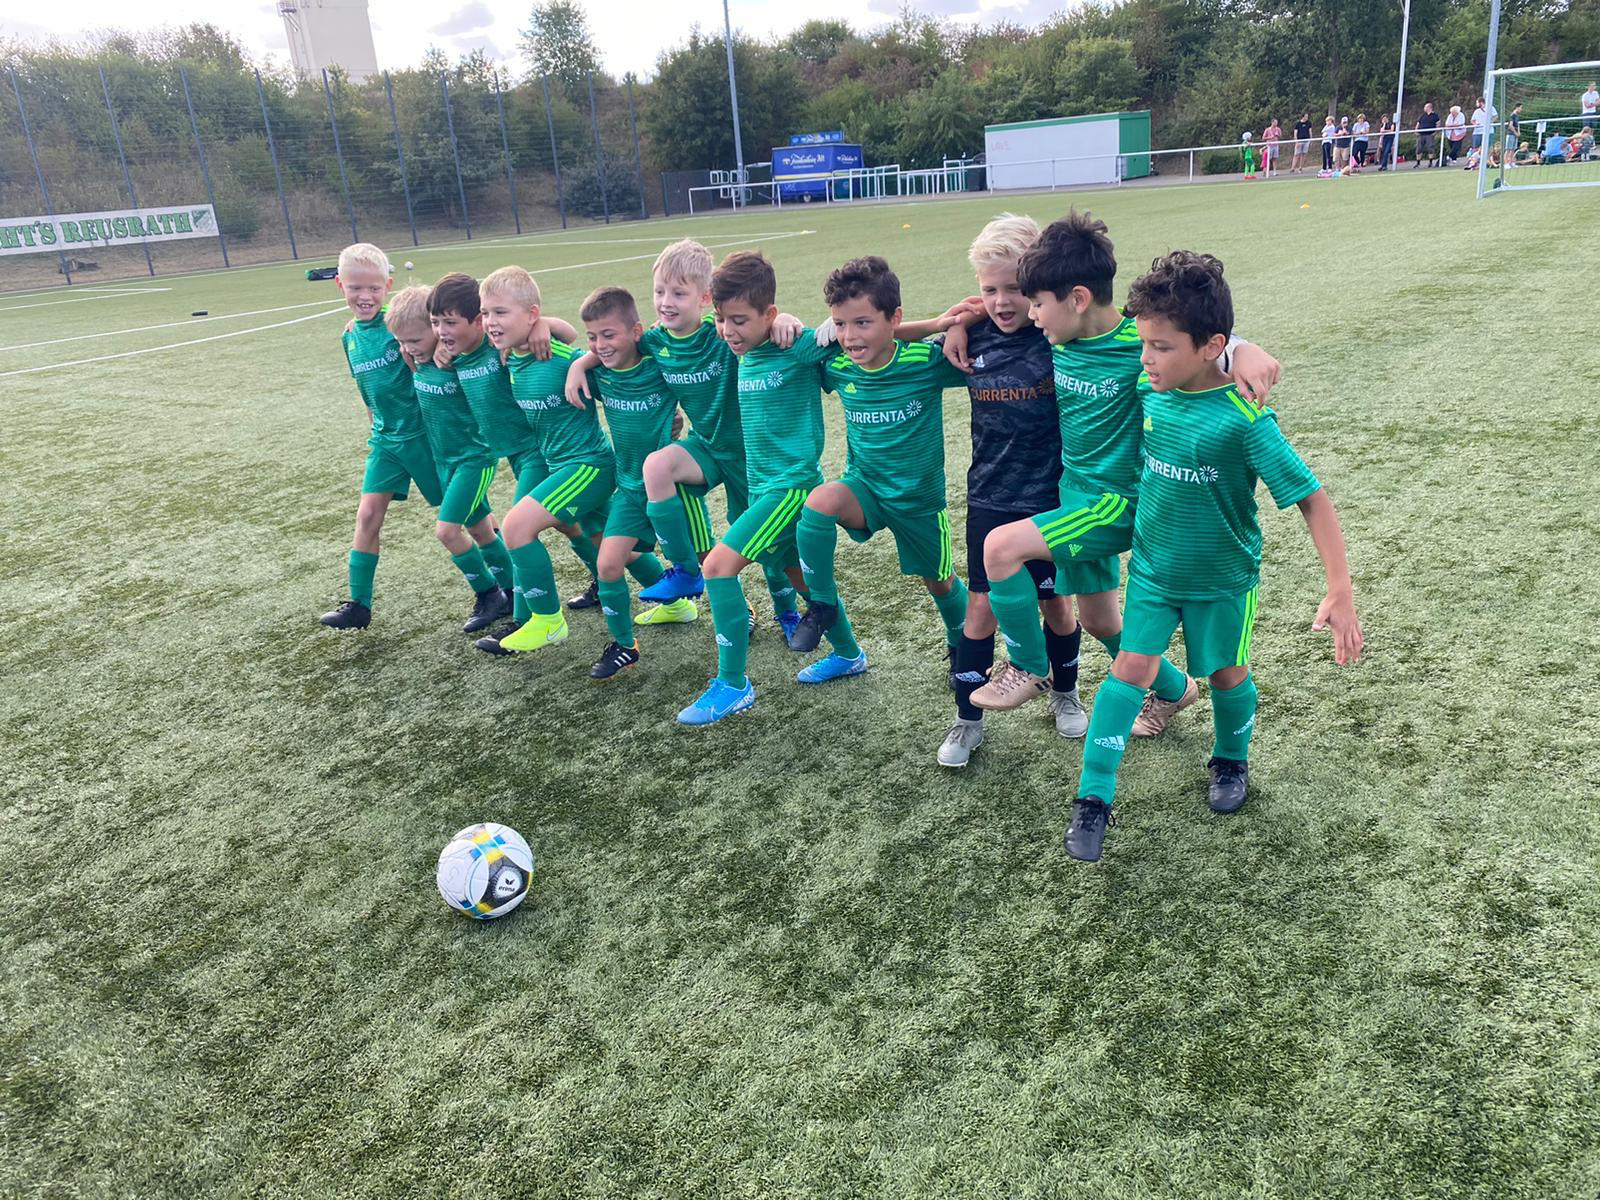 Jugend Mannschaft Fussball